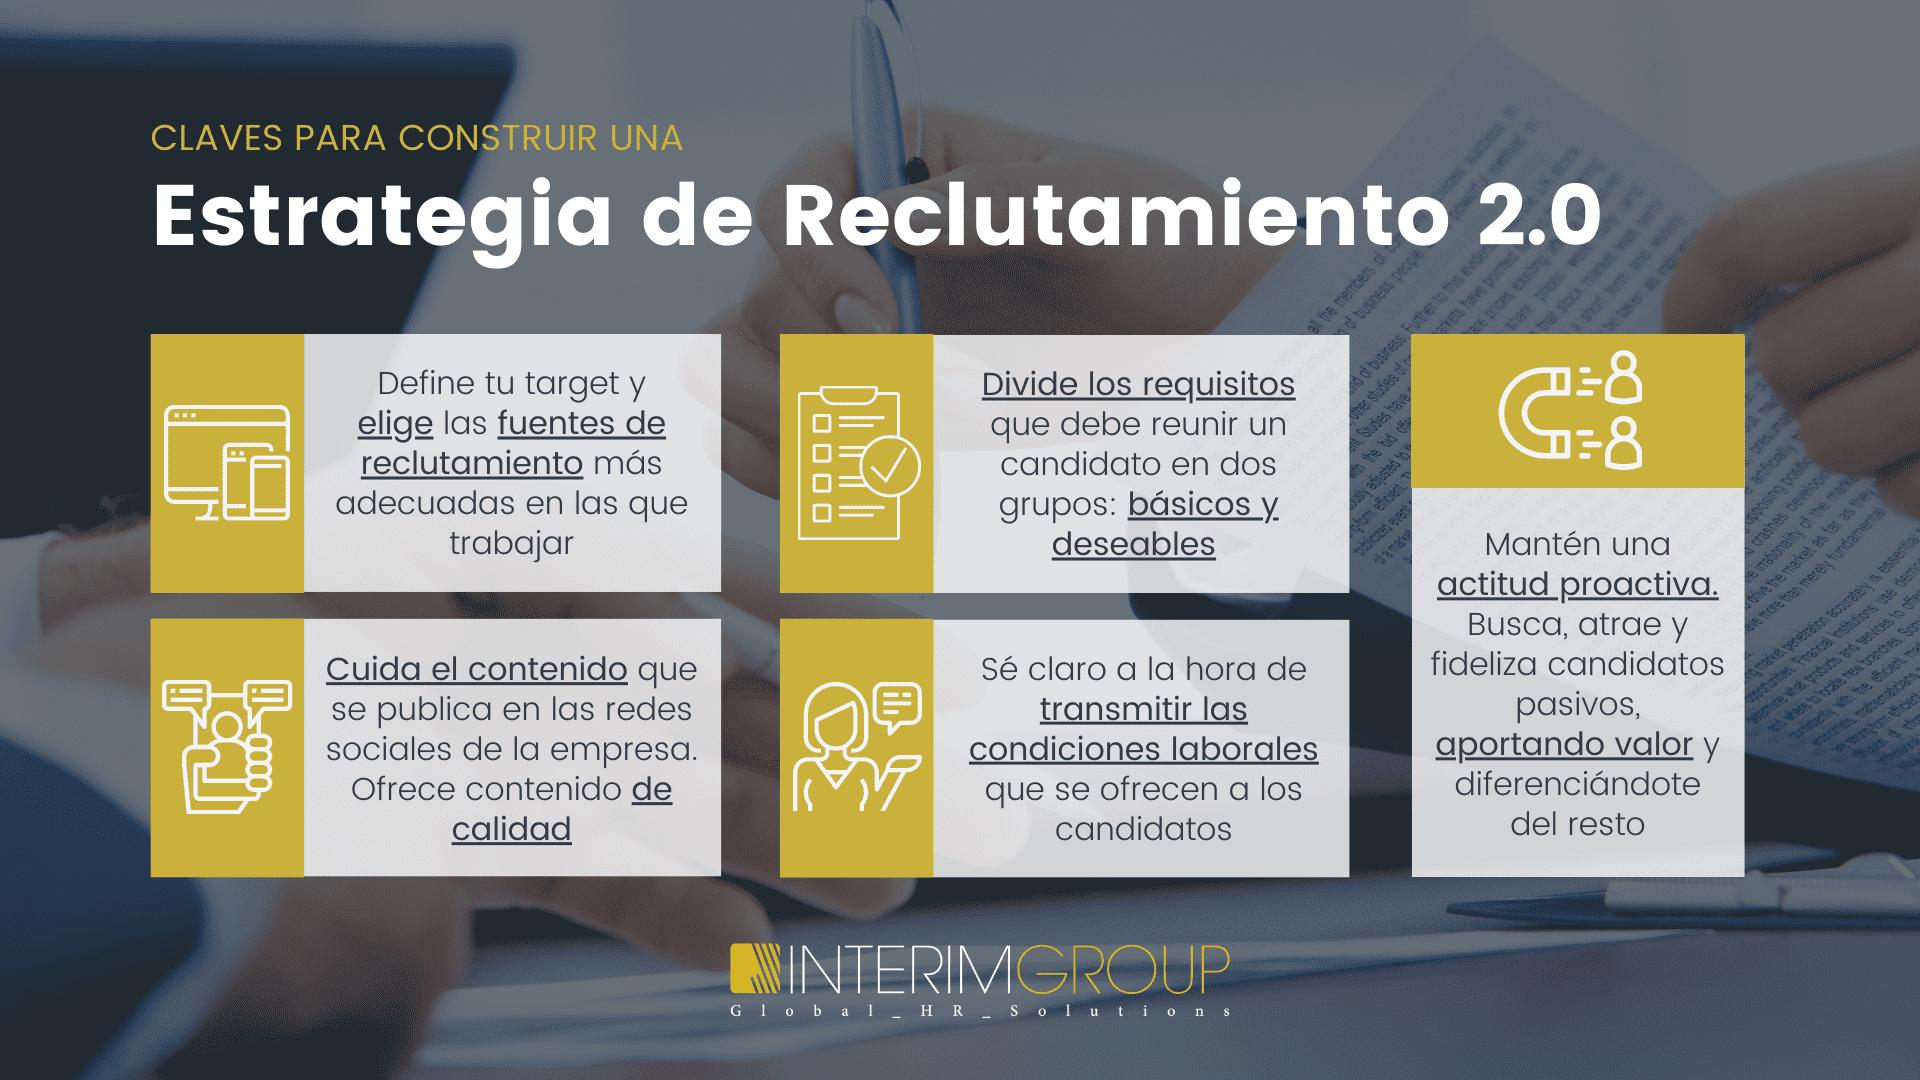 Reclutamiento-2-0-estrategia_INTERIM_GROUP